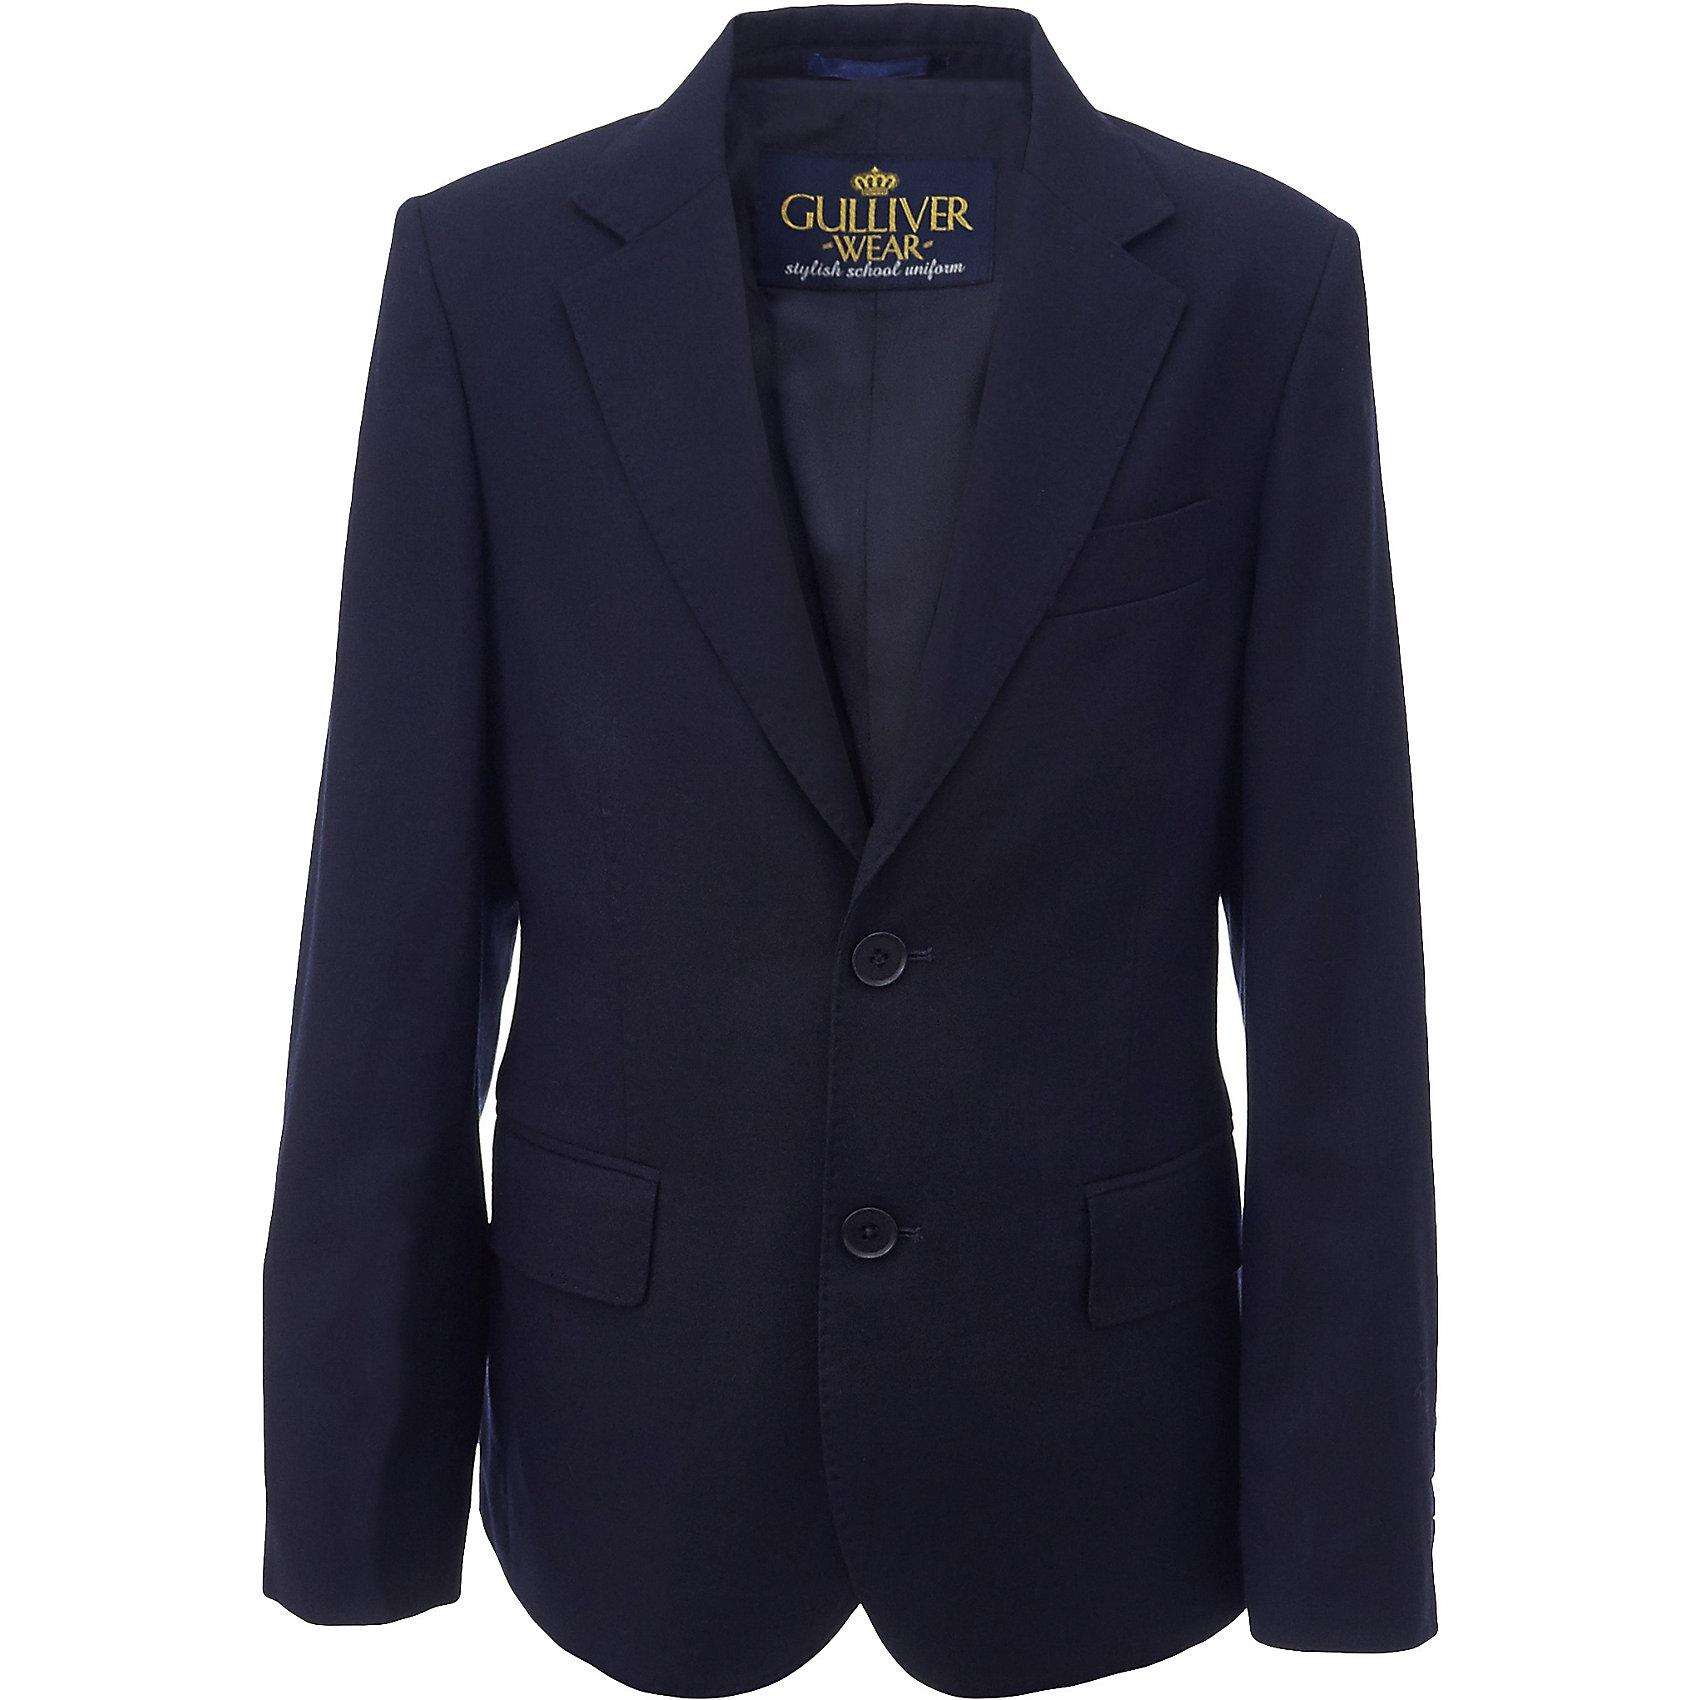 Пиджак для мальчика GulliverПиджаки и костюмы<br>Характеристики товара:<br><br>• цвет: синий<br>• состав: 10% шерсть, 25% вискоза, 65% полиэстер<br>• подкладка: 50% вискоза, 50% полиэстер <br>• сезон: демисезон<br>• застежки: пуговицы<br>• особенности: школьный, на подкладке<br>• страна бренда: Российская Федерация<br>• страна производства: Российская Федерация<br><br>Школьный пиджак для мальчика. Синий пиджак на подкладке застегивается на пуговицы.<br><br>Пиджак для мальчика Gulliver (Гулливер) можно купить в нашем интернет-магазине.<br><br>Ширина мм: 190<br>Глубина мм: 74<br>Высота мм: 229<br>Вес г: 236<br>Цвет: синий<br>Возраст от месяцев: 84<br>Возраст до месяцев: 96<br>Пол: Мужской<br>Возраст: Детский<br>Размер: 128,170,122,134,140,146,152,158,164<br>SKU: 6678516